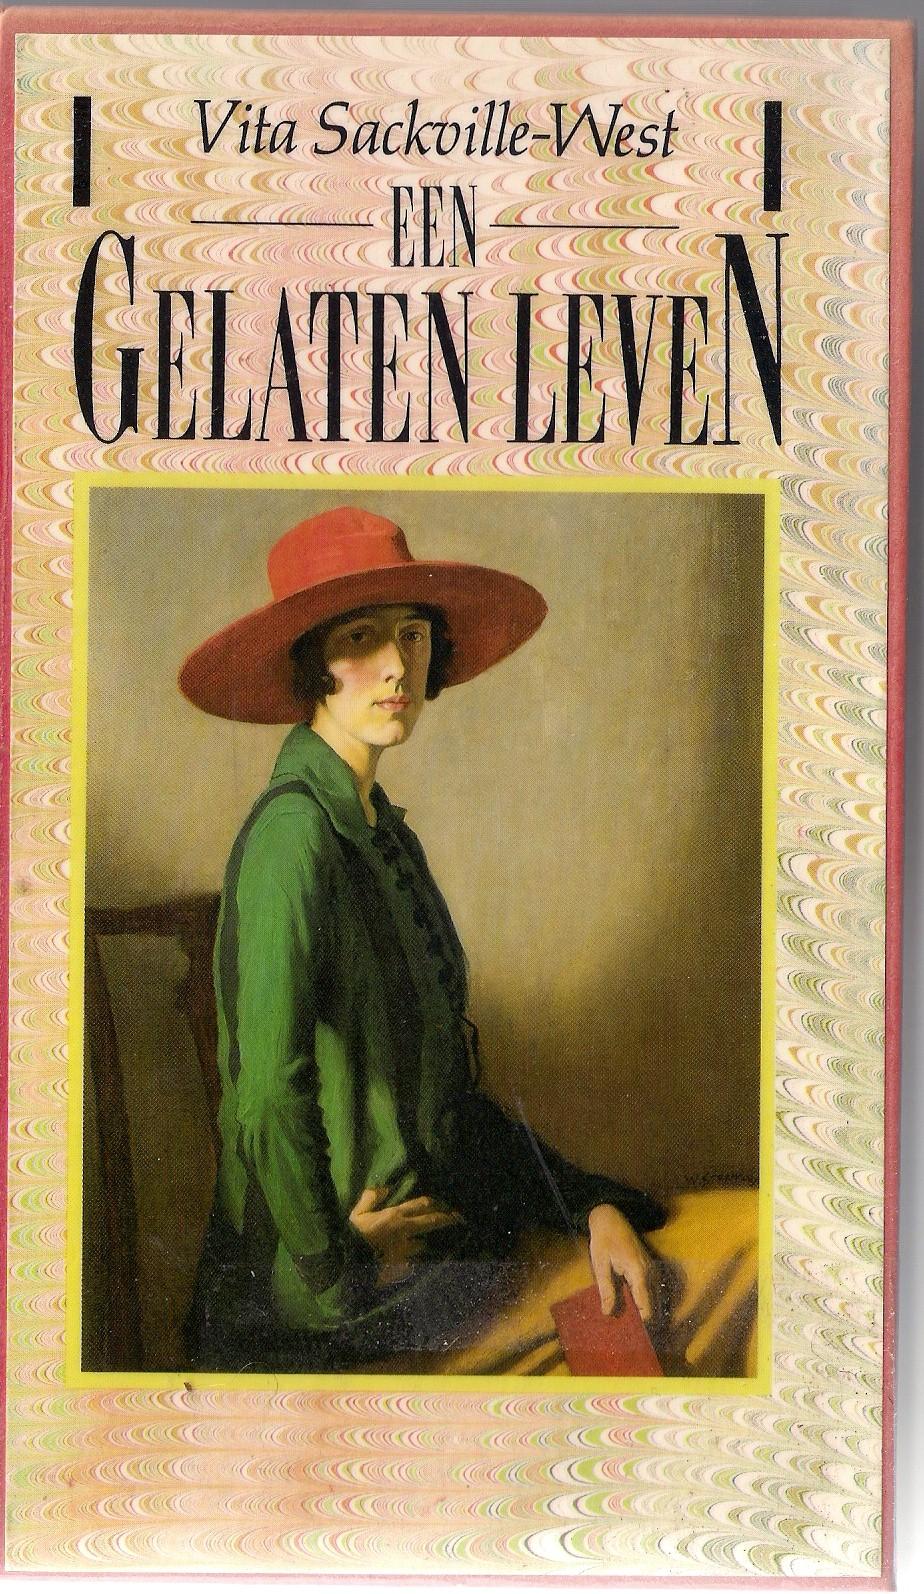 Vitos portretas dažnai naudojamas jos knygų  viršeliams